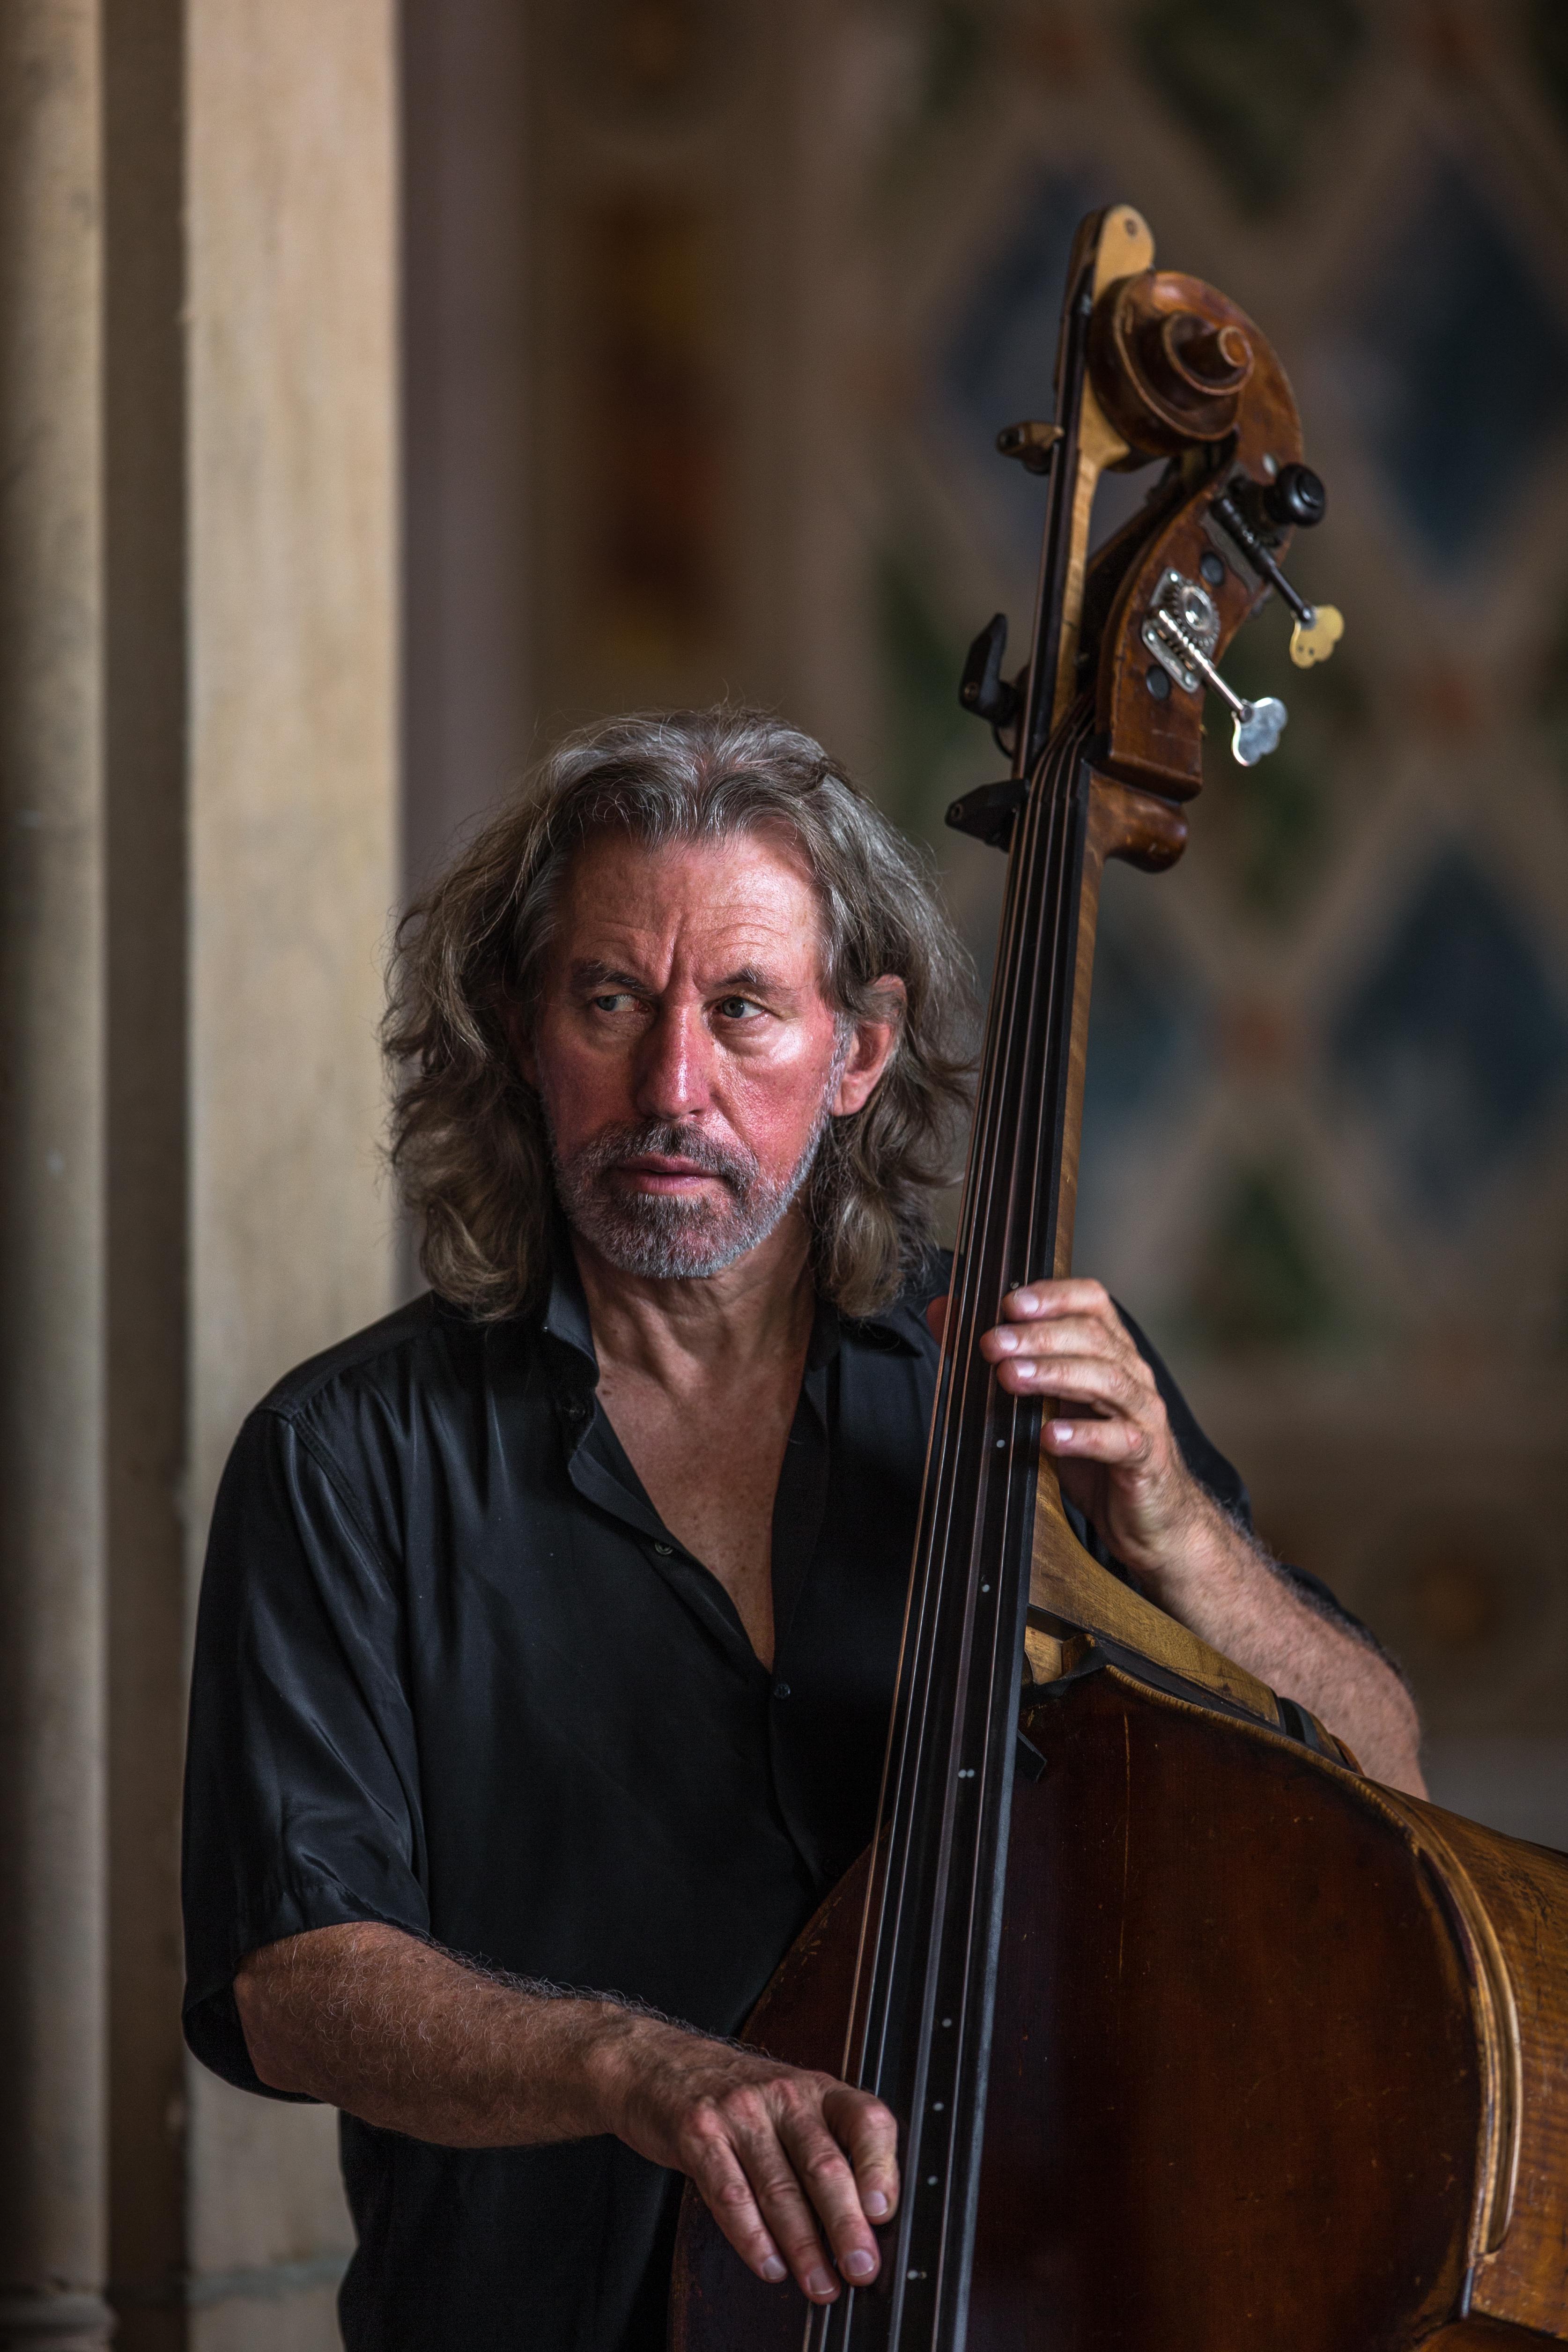 Musician Central Park Cello NYC